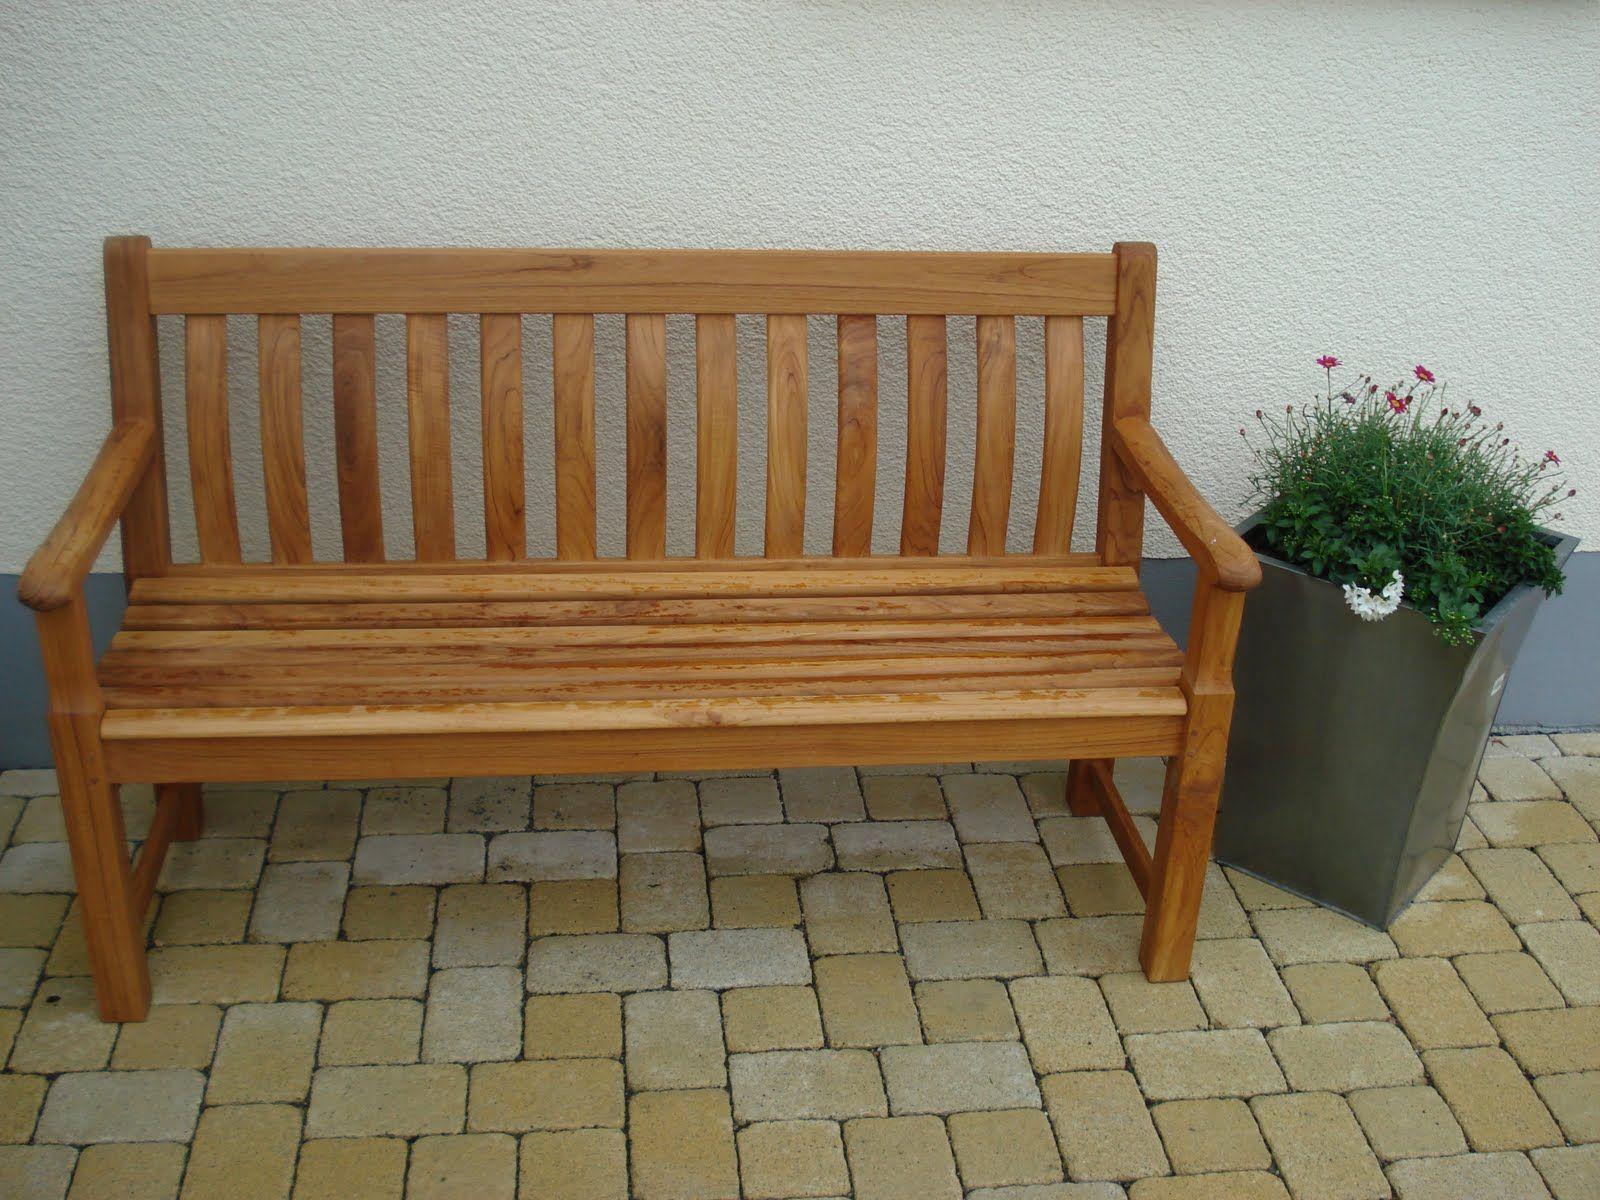 Bauplan Gartenbank Mit Tisch Outdoor Furniture Outdoor Decor